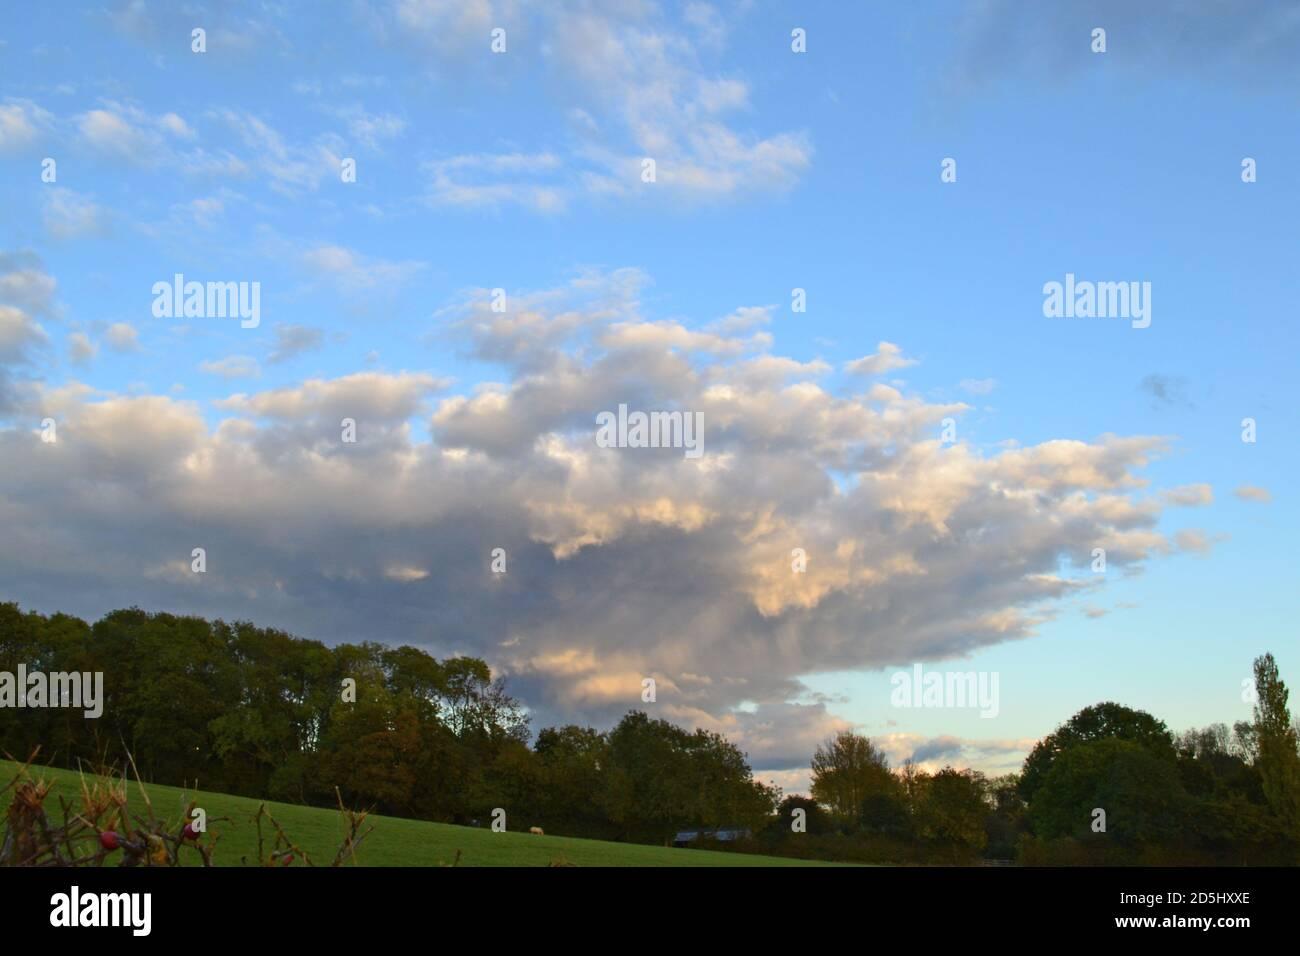 Weald of Kent Blick auf Greensand Ridge in der Nähe von Underriver, Sevenoaks, Oktober. Verfallende Duschwolken am Abend in einem blauen Himmel. Mammatuswolken gesehen Stockfoto